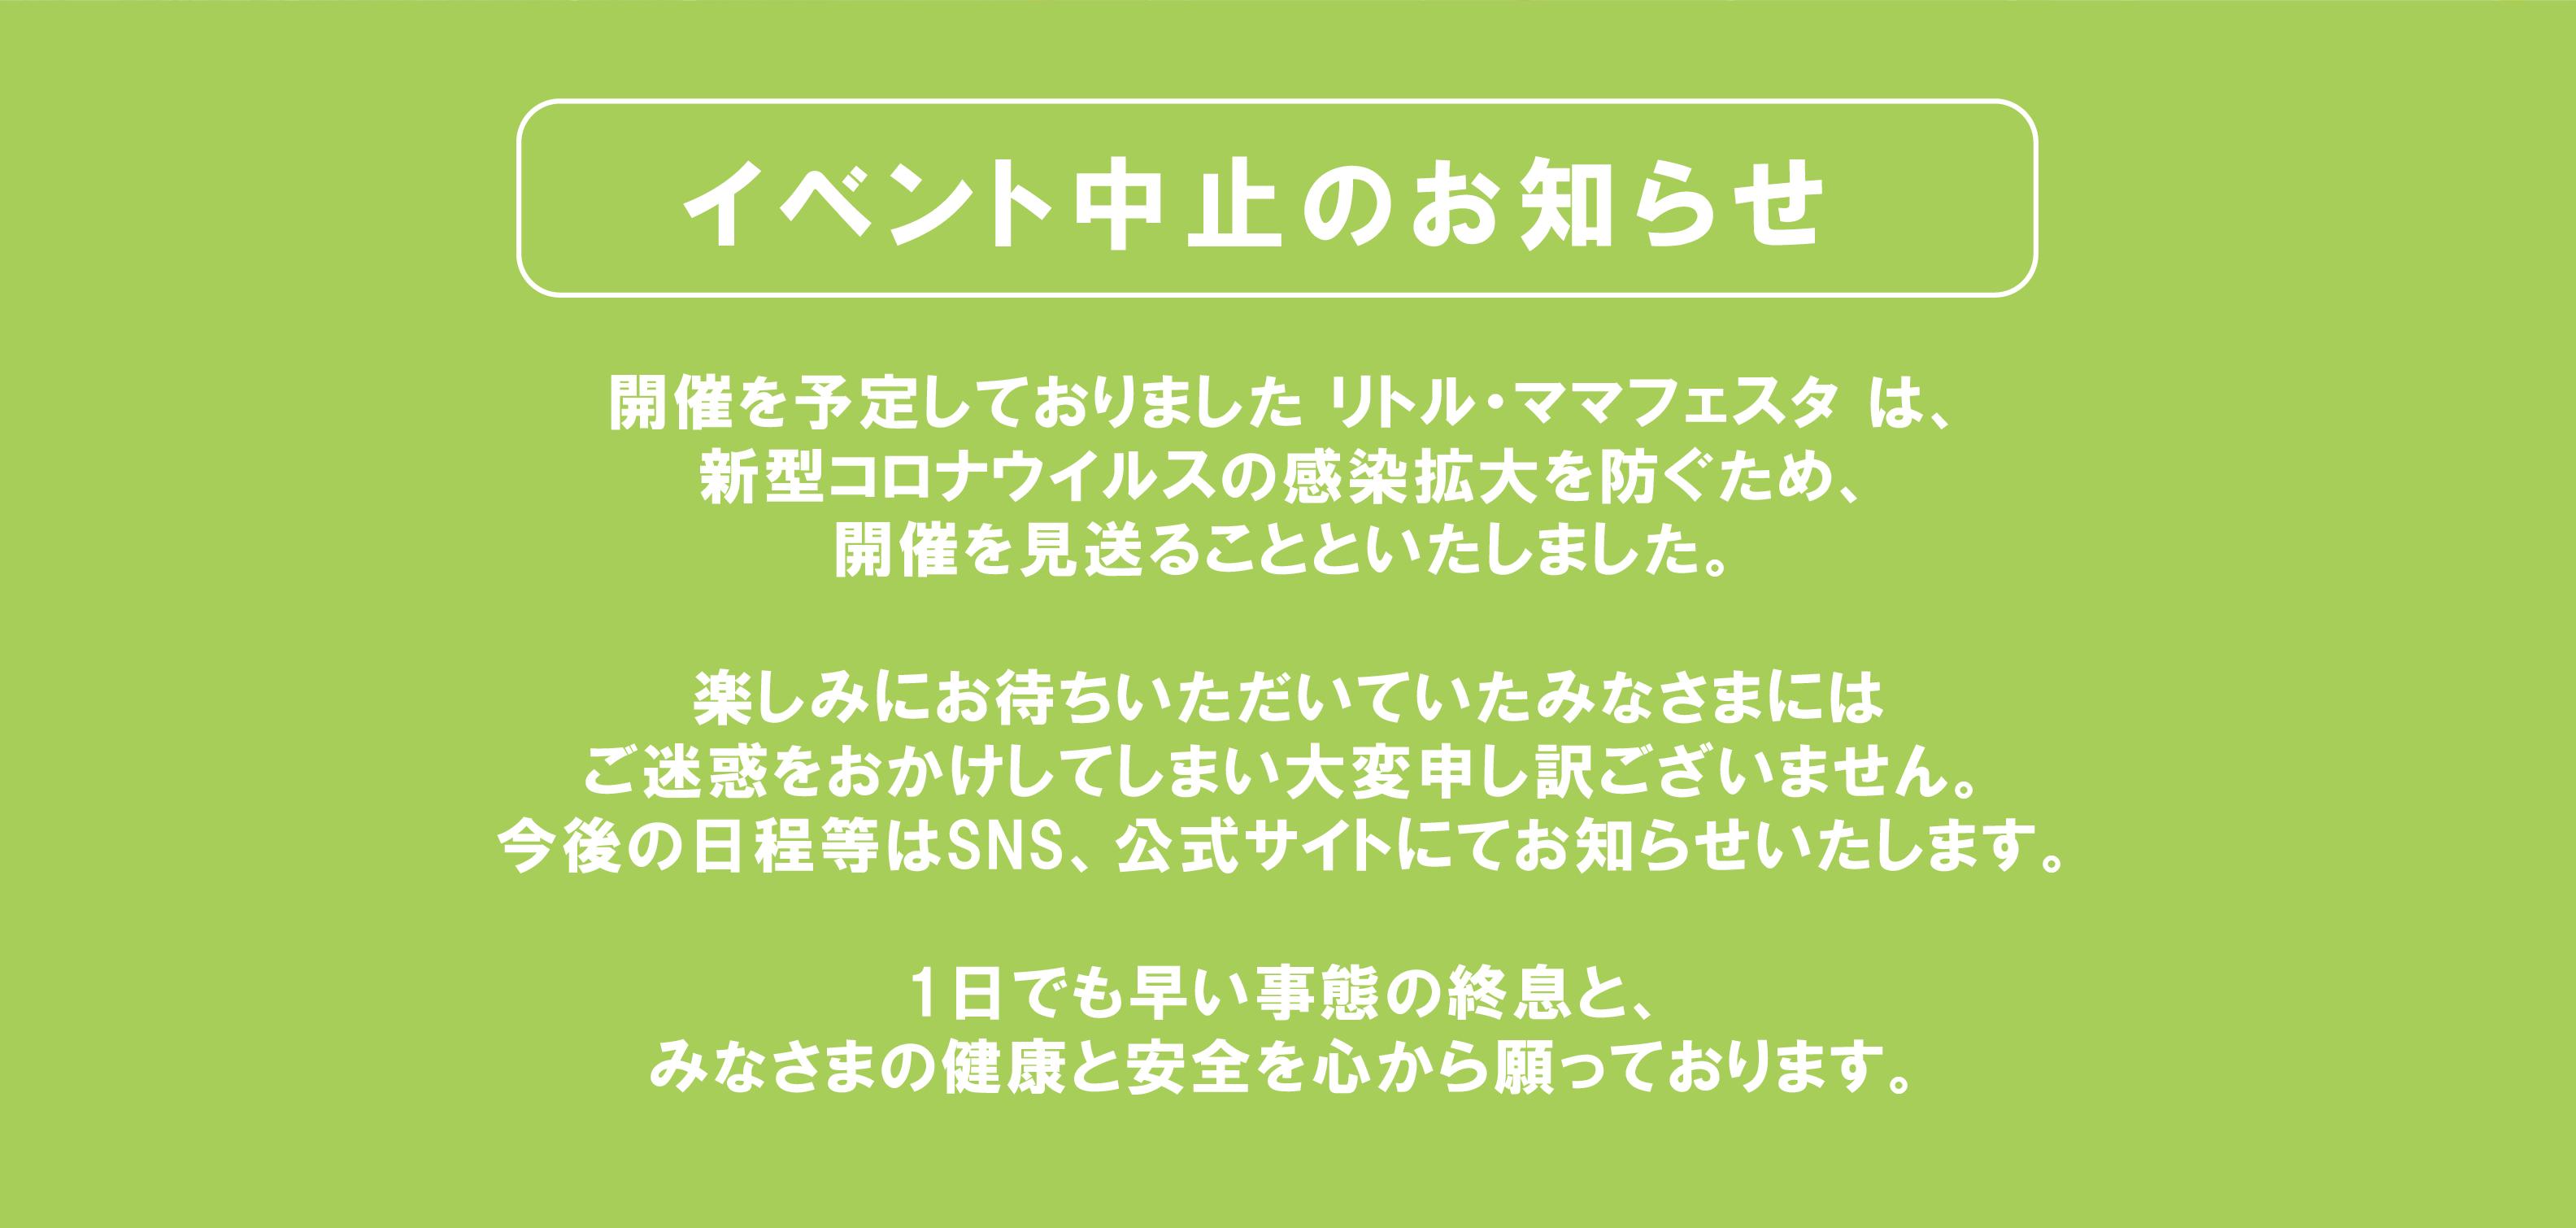 リトル・ママフェスタ マタニティ&キッズ 東京2020Apr